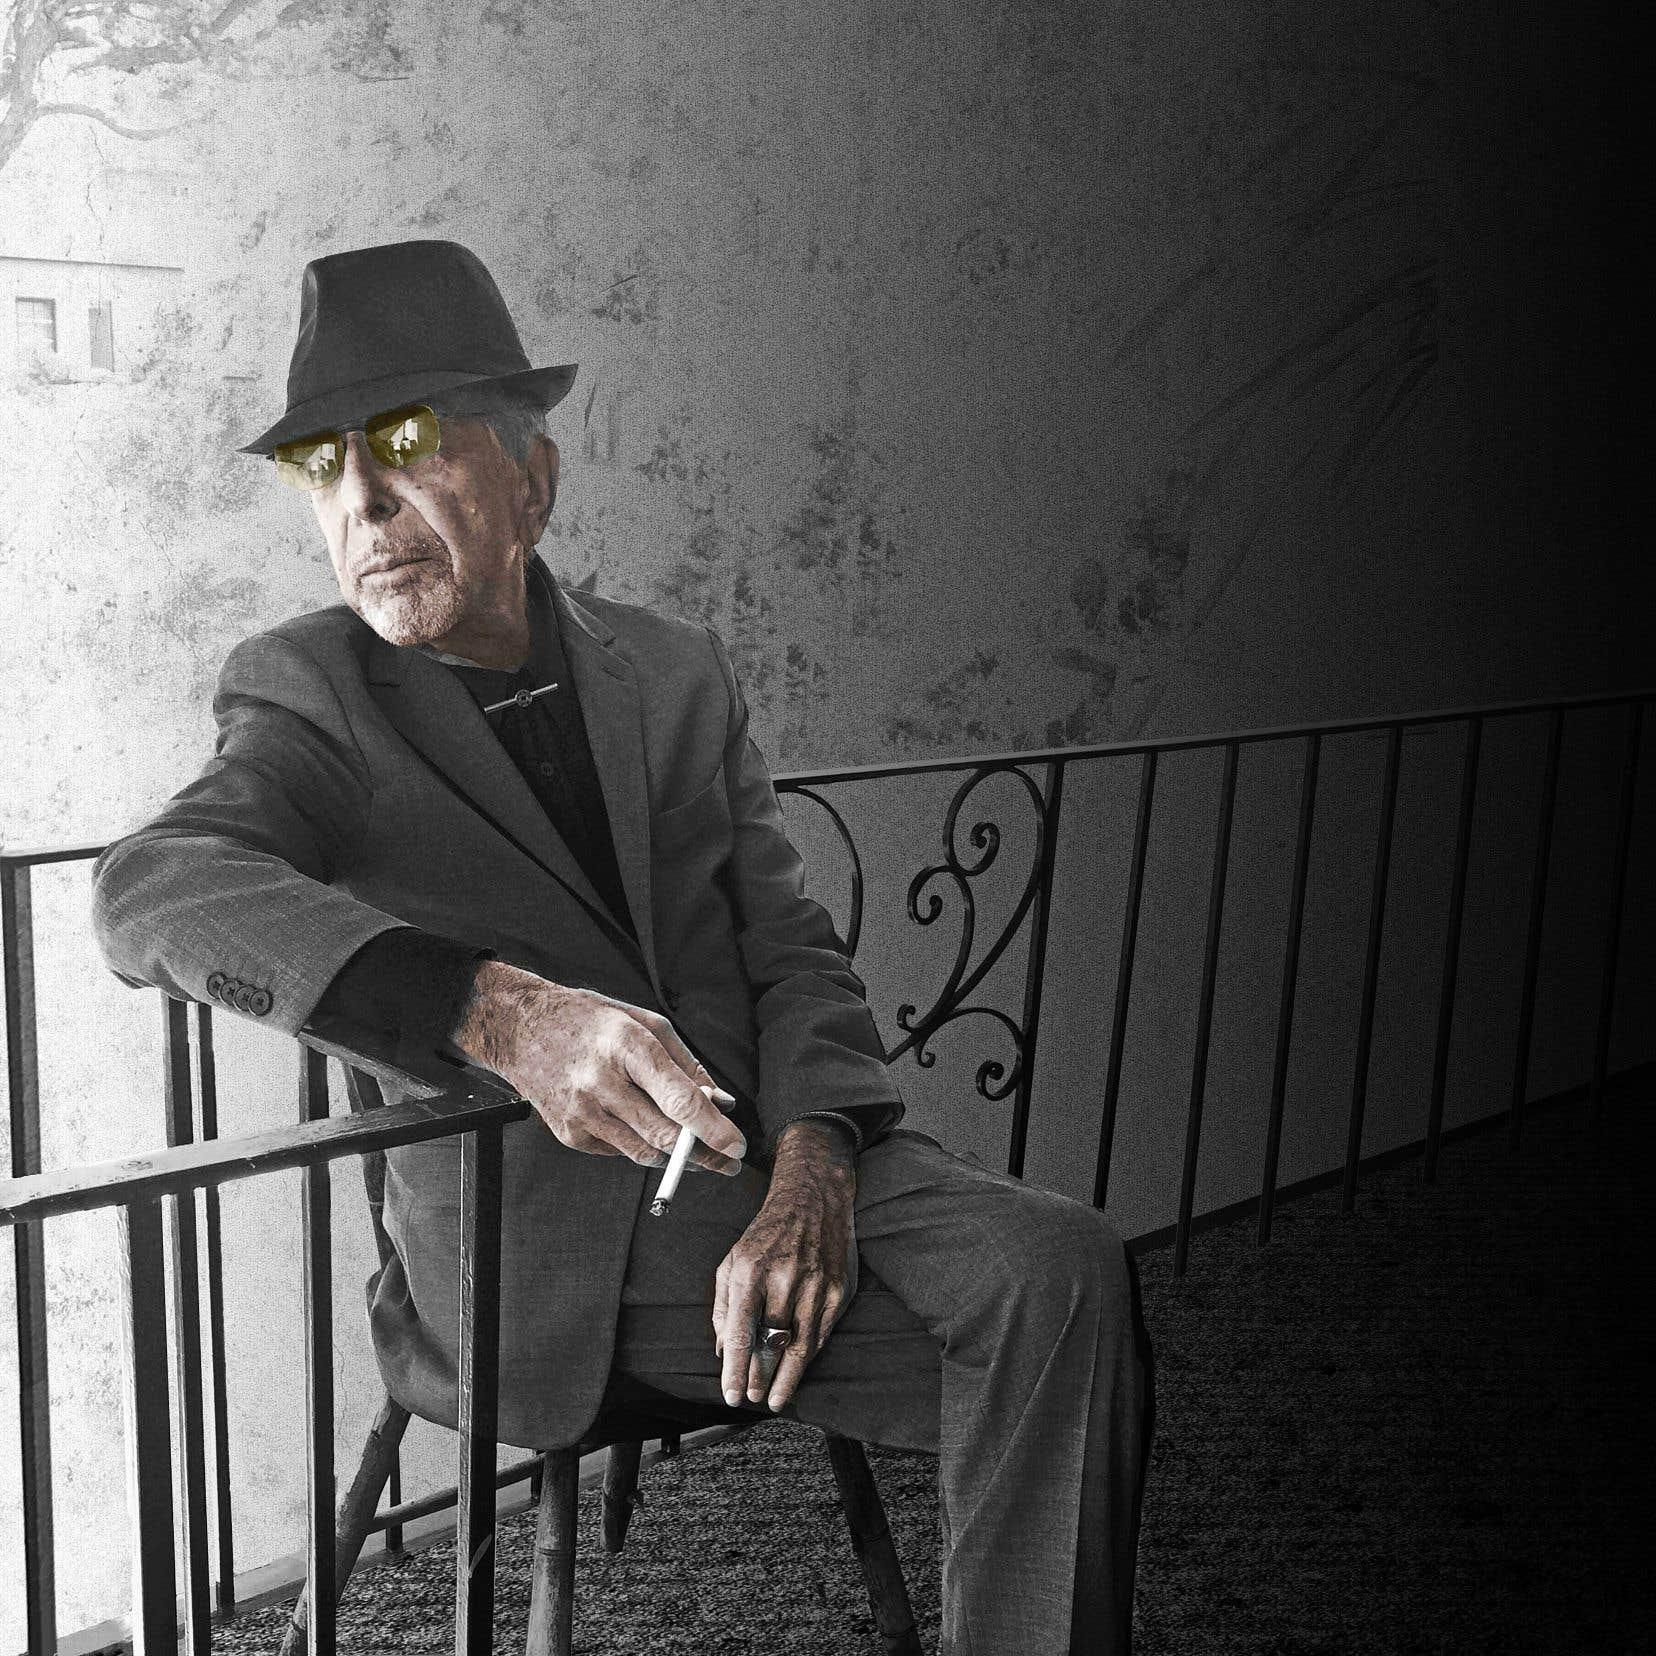 L'hommage rendu à Leonard Cohen, tel qu'imaginé par son fils Adam, a été un succès artistique, mais un échec financier.